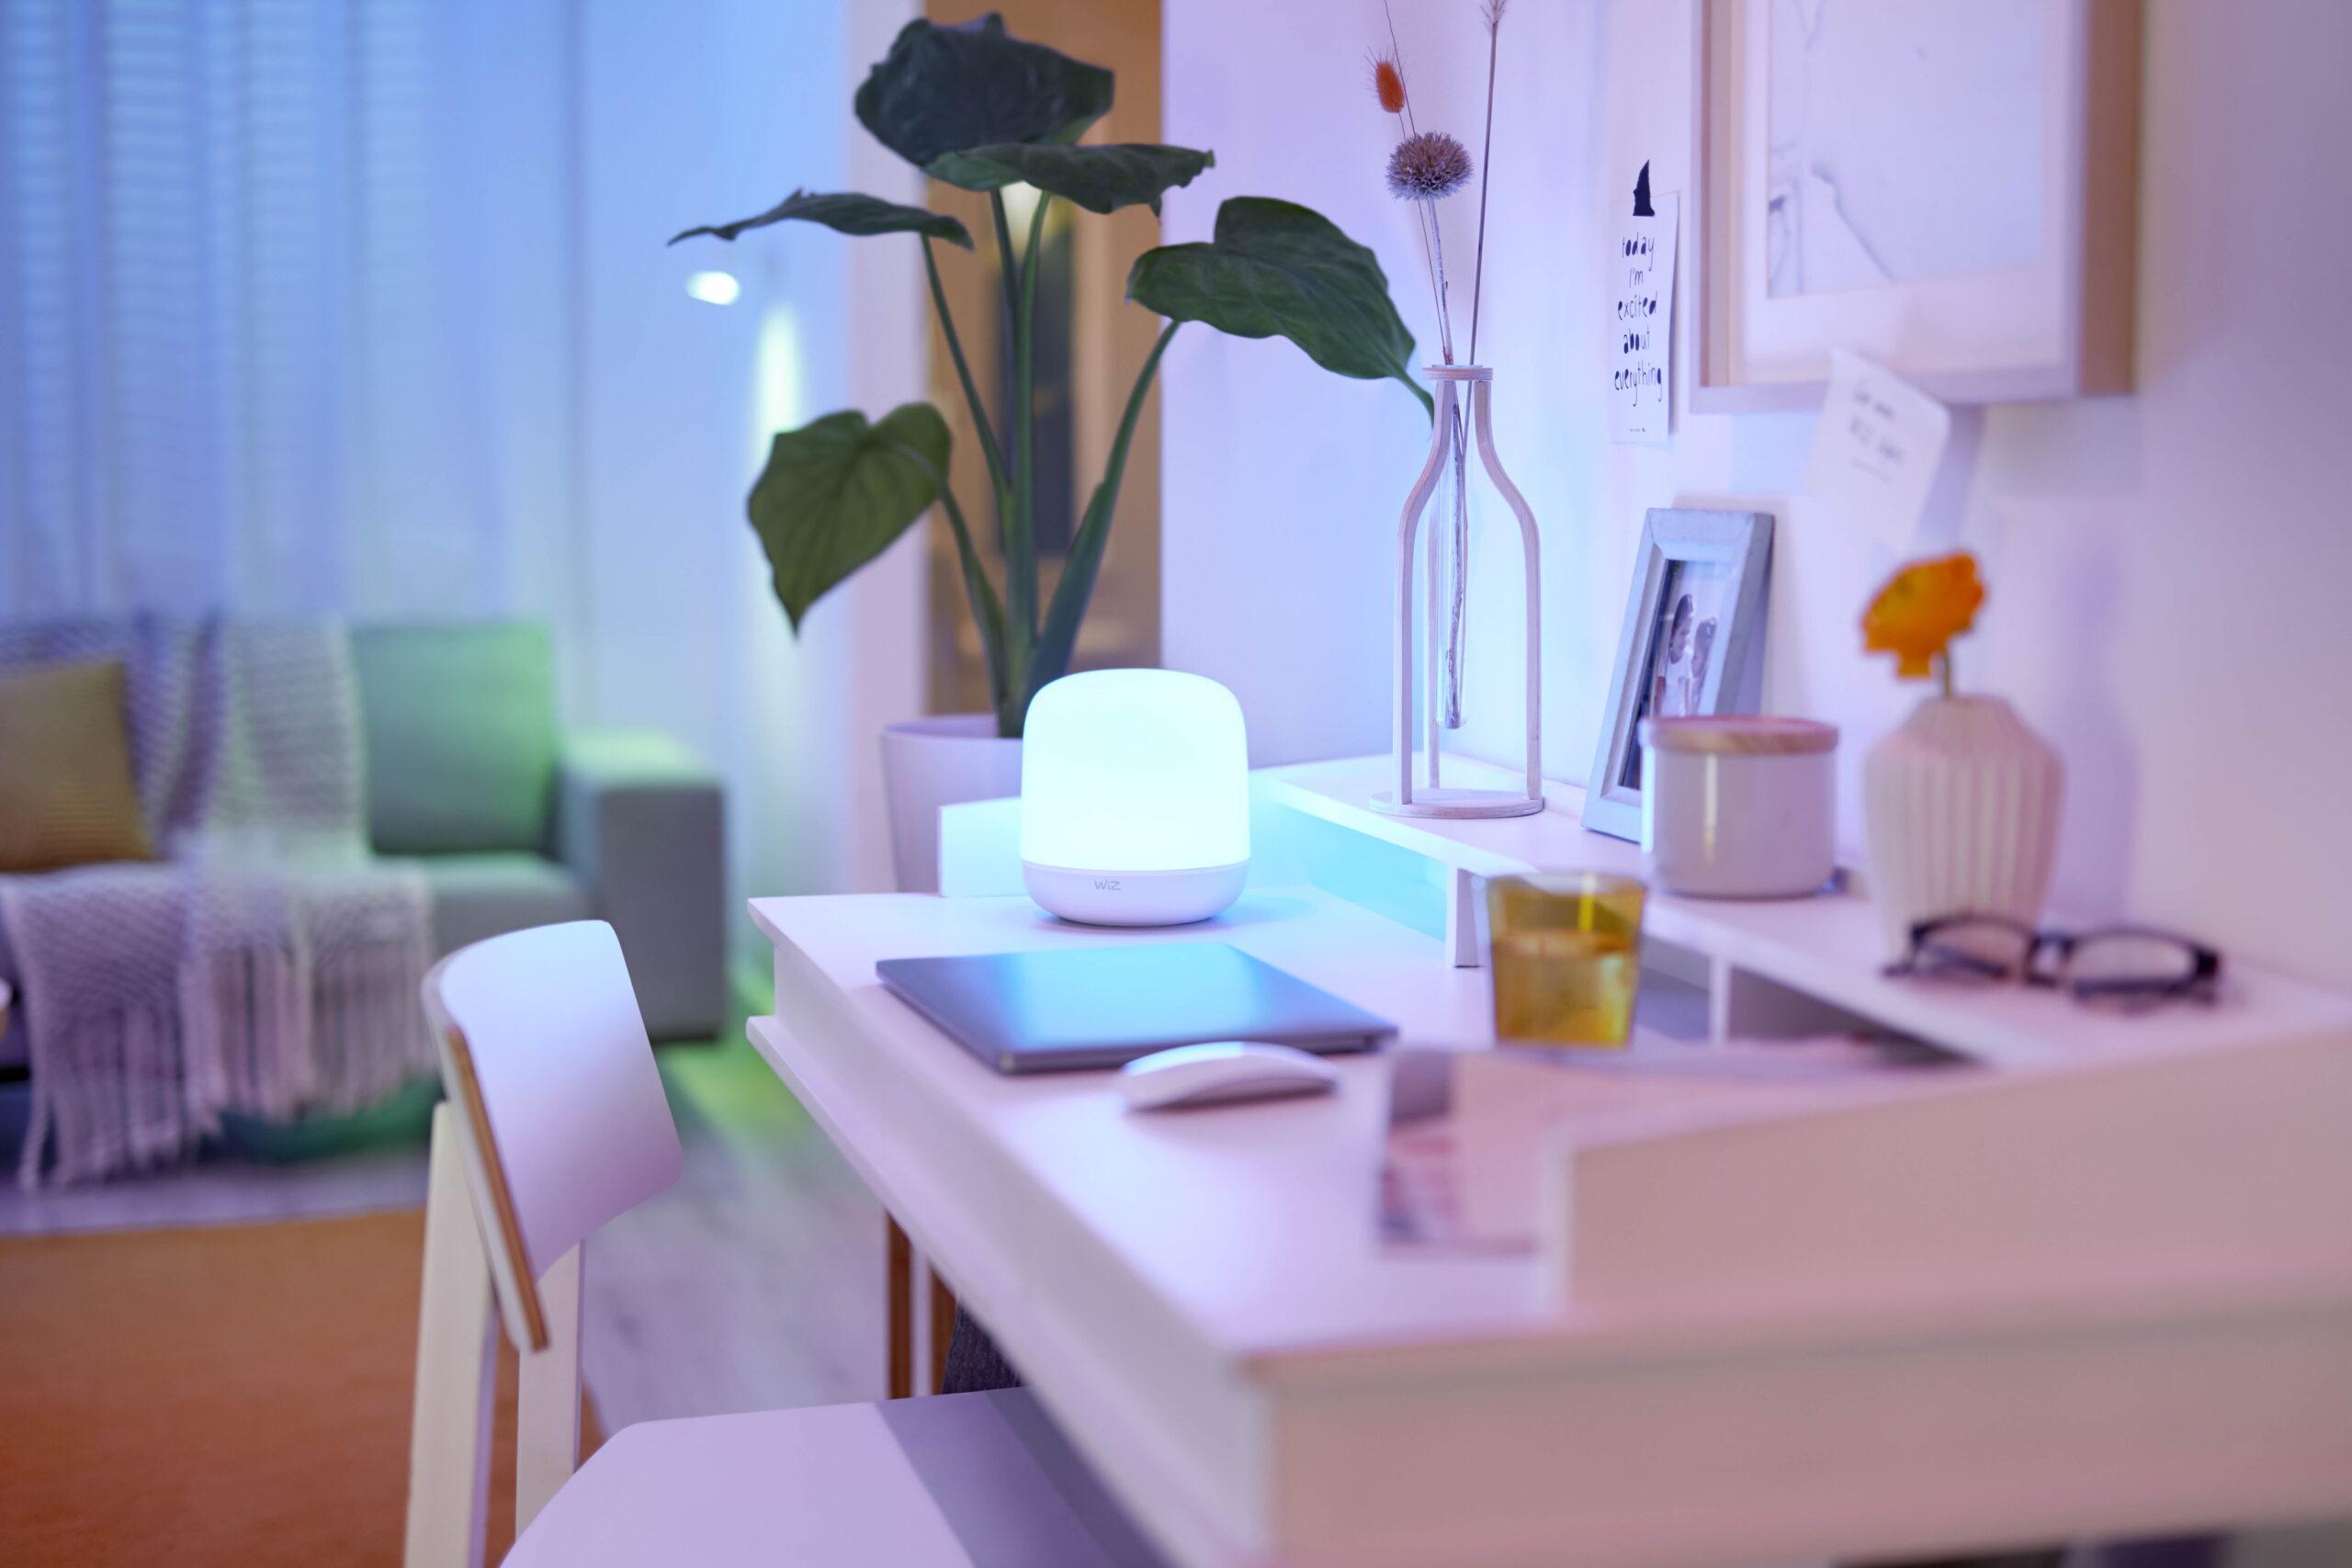 Signify przedstawia nowe, przystępne inteligentne produkty oświetleniowe WiZ